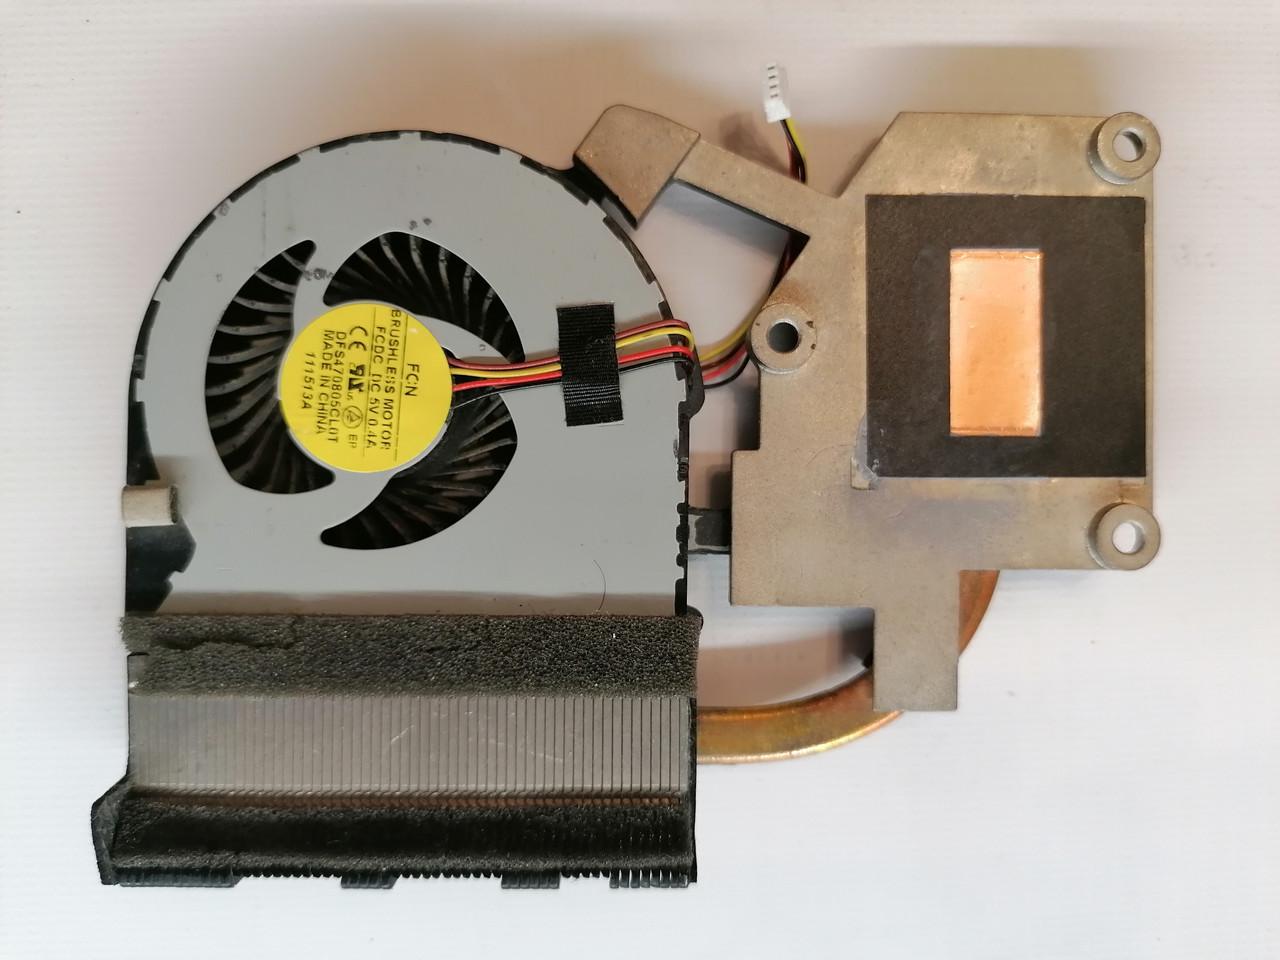 Б/У радиатор ( система охлаждения ) + кулер для ноутбука Lenovo G500 G505 G510 (AT0Y0004FF0)